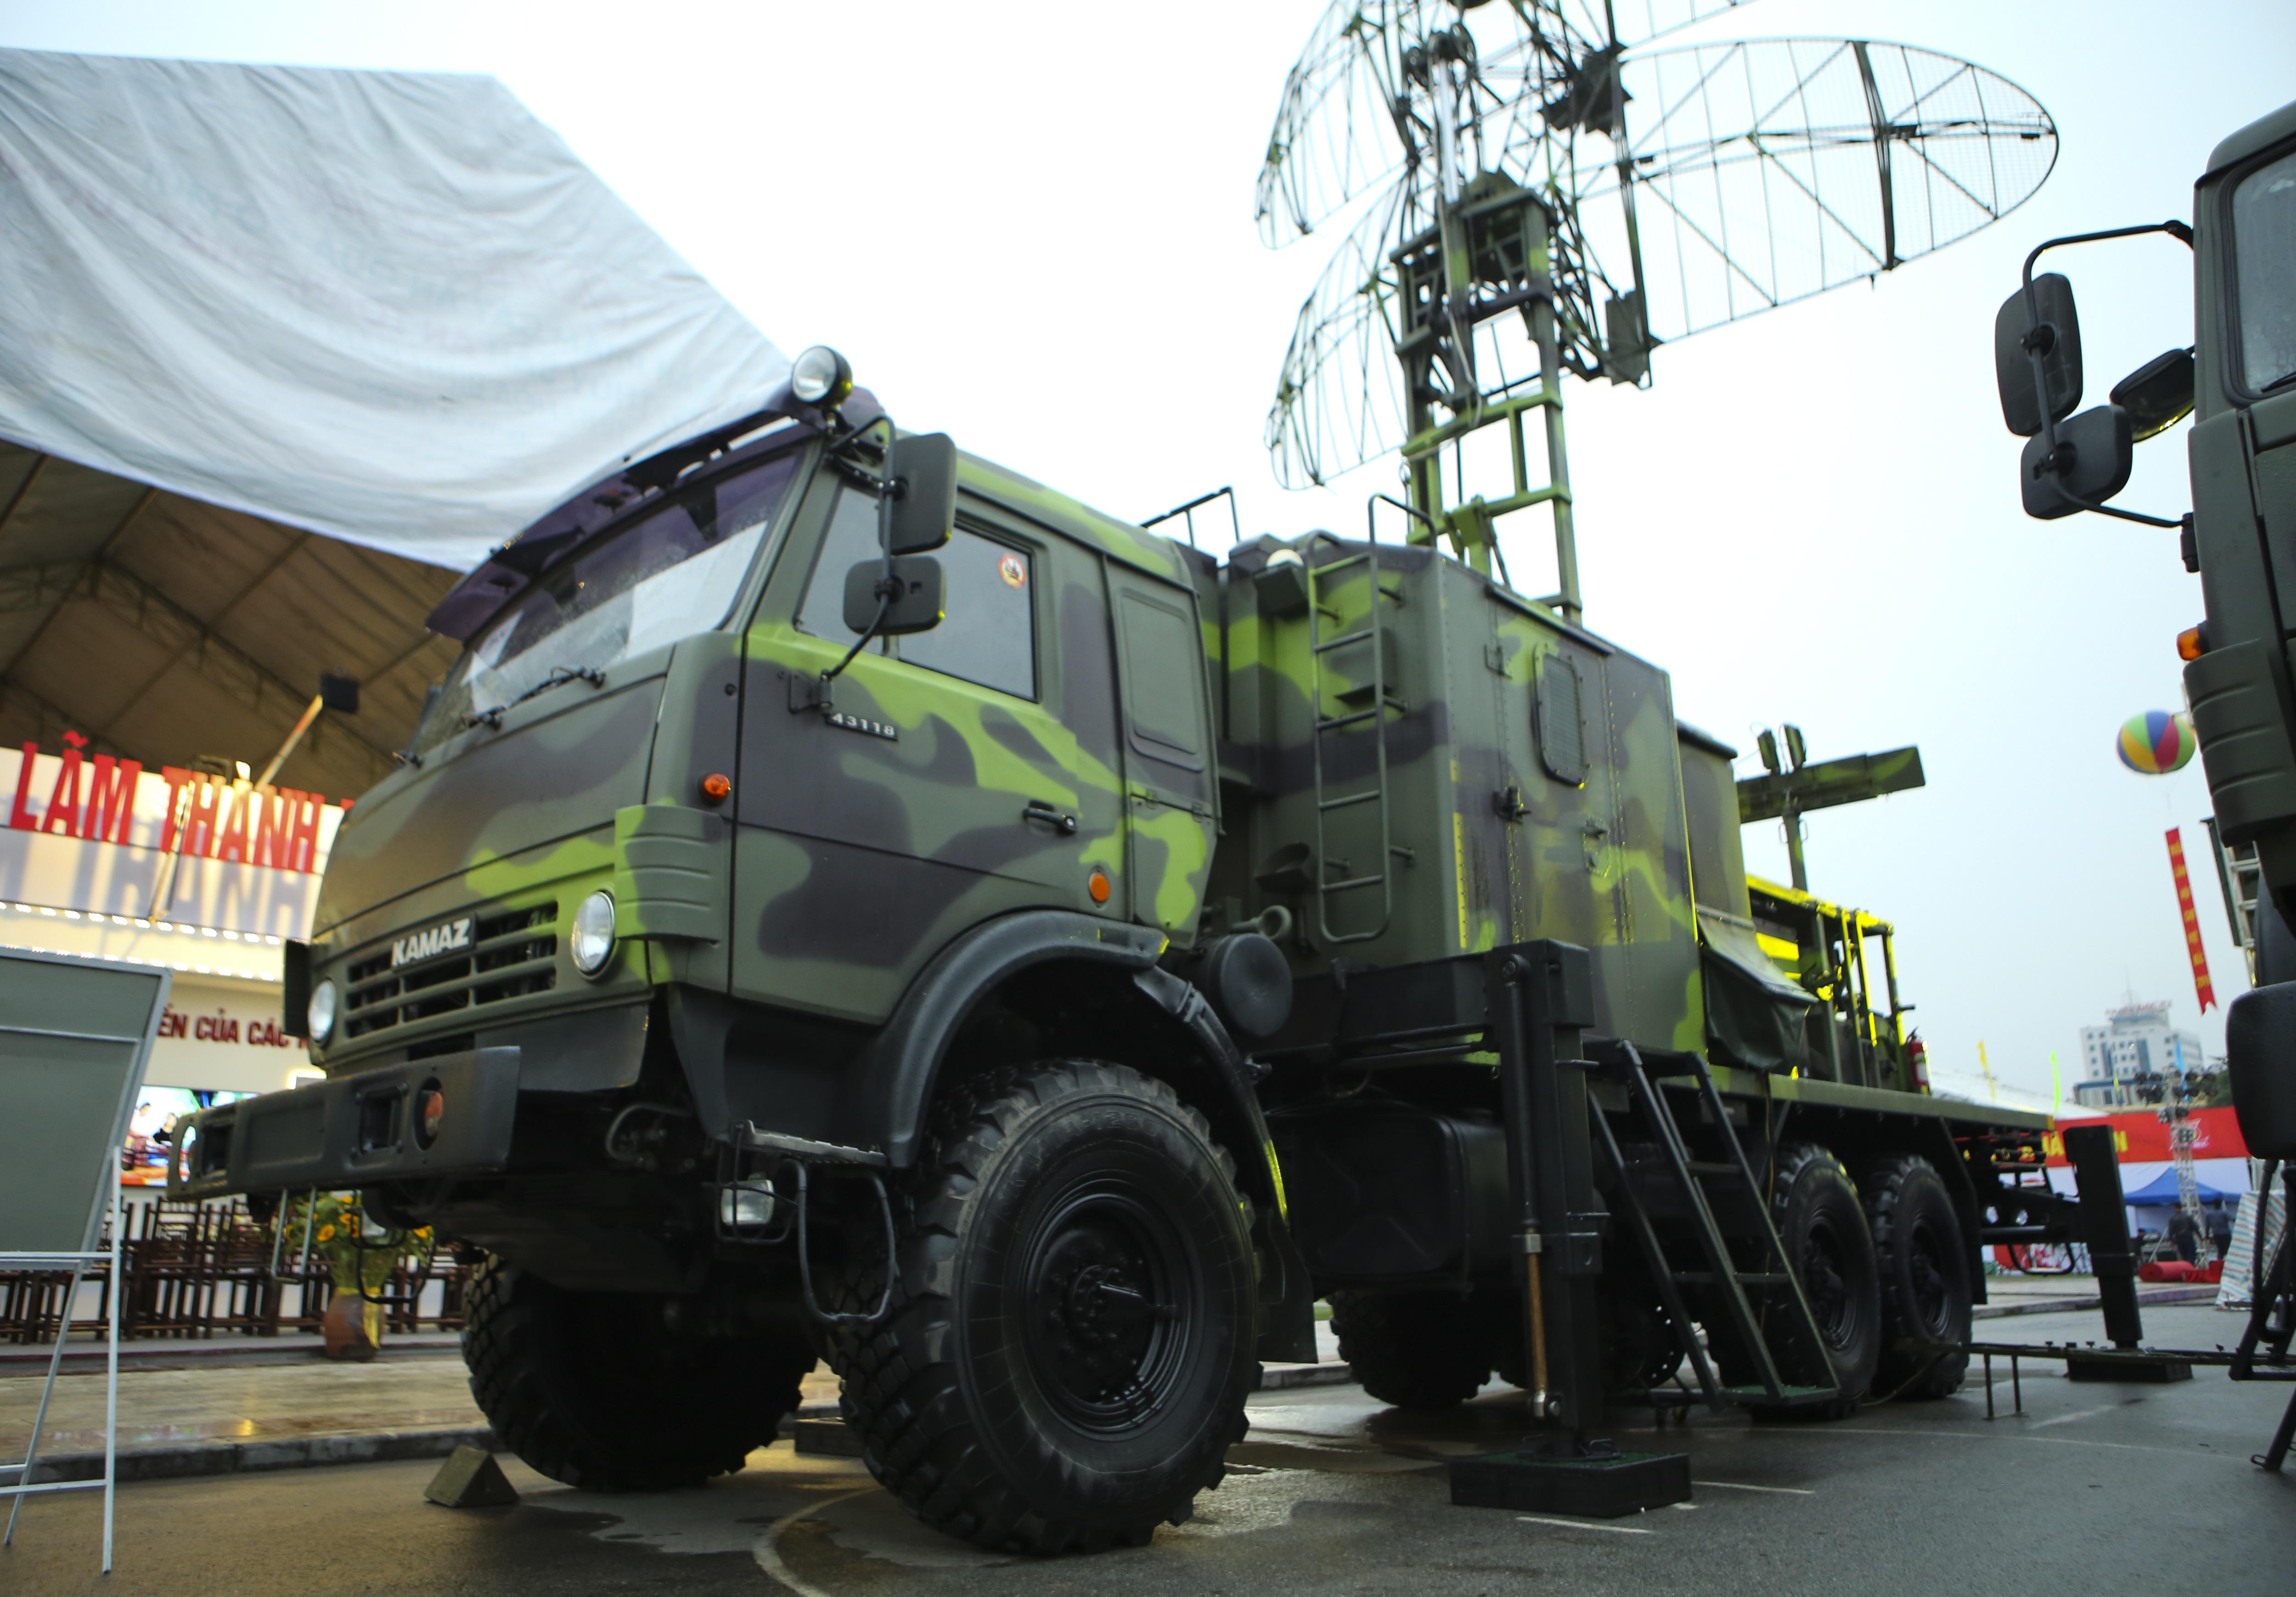 Cận cảnh dàn radar chống mục tiêu tàng hình tối tân của Quân đội Nhân dân Việt Nam - 11